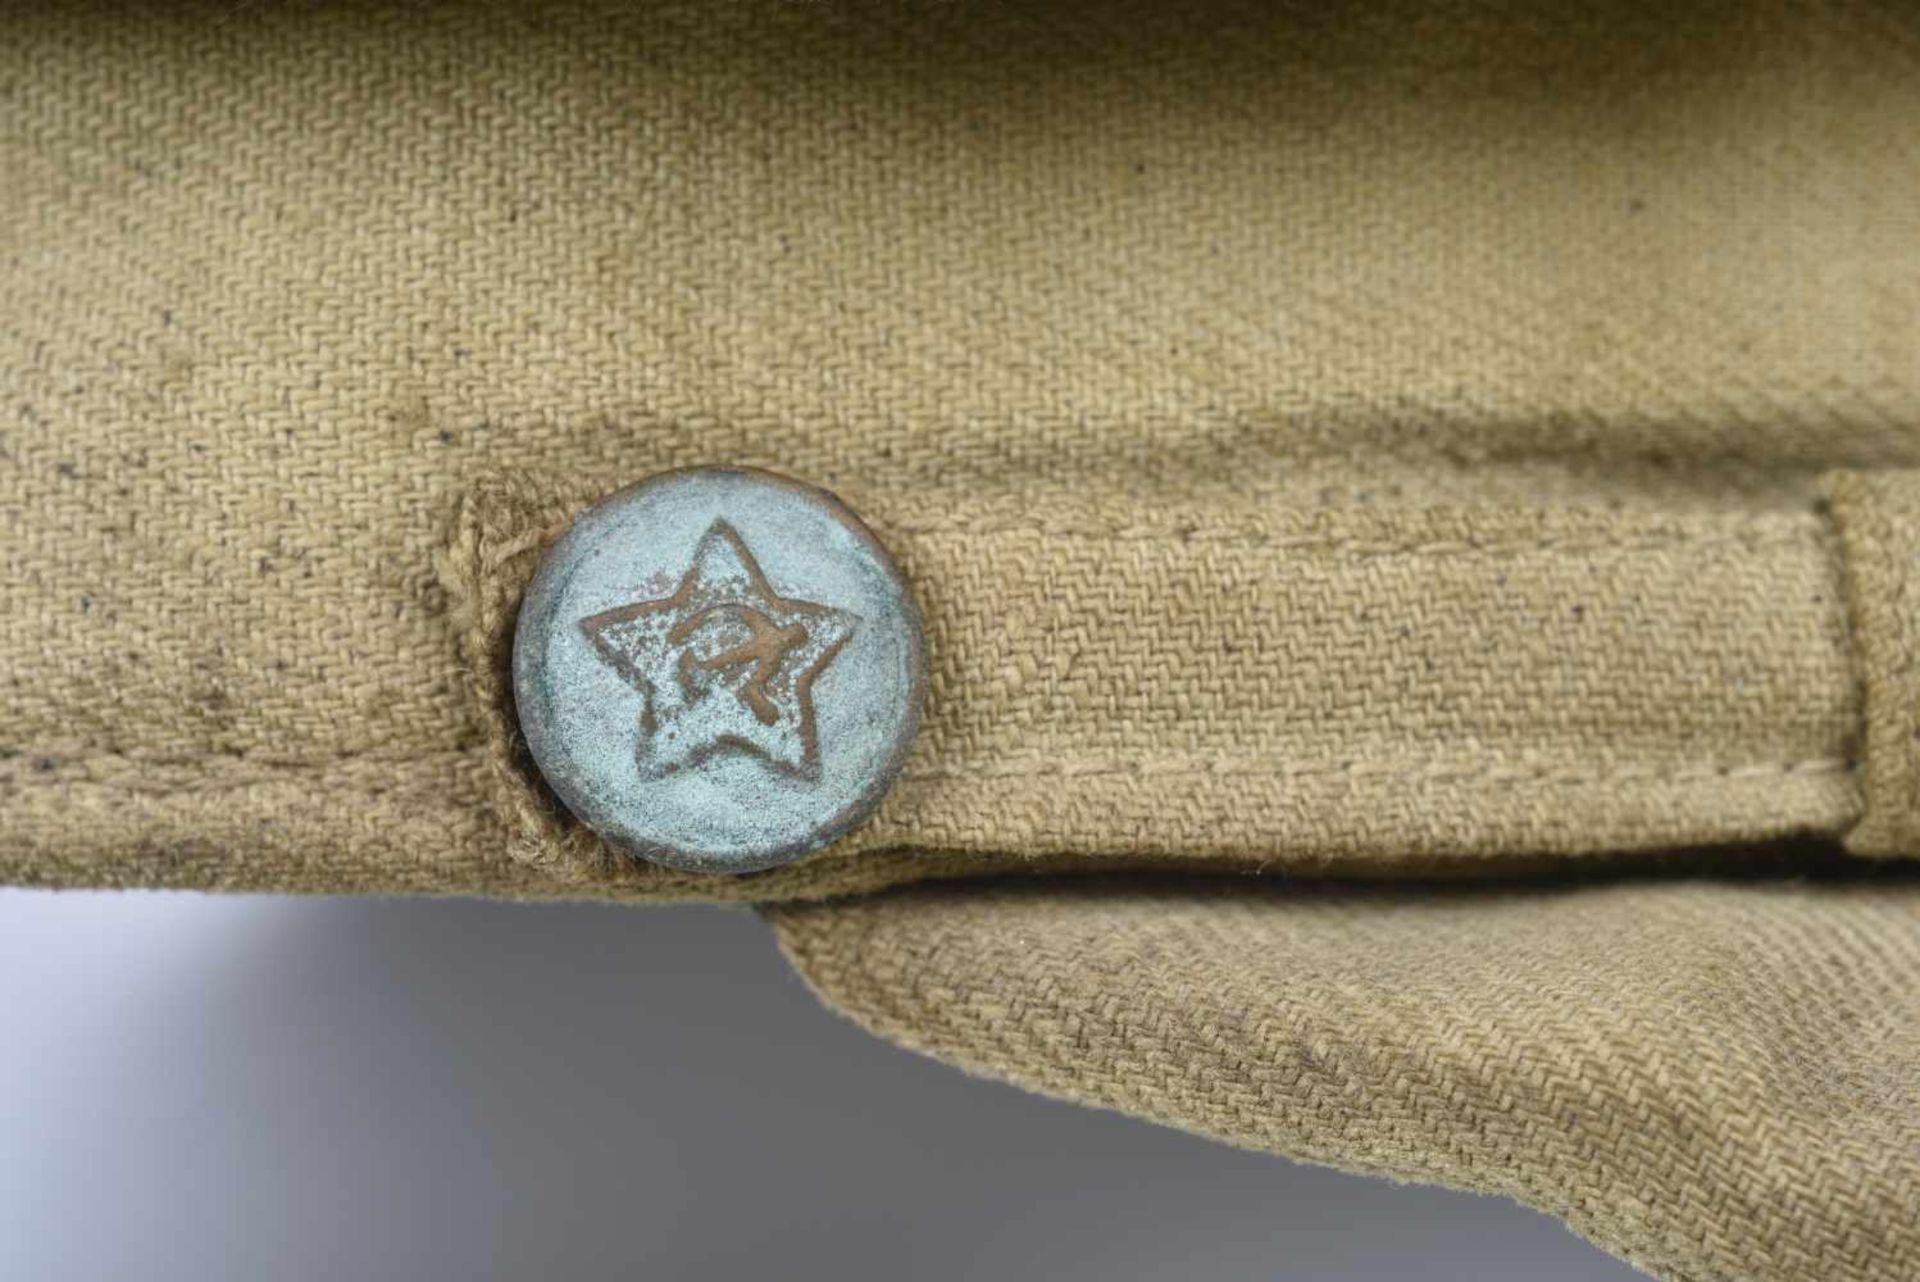 Casquette combat en toile modèle avant-guerre, étoile verte (régulation de août 1941), jugulaire - Bild 4 aus 4